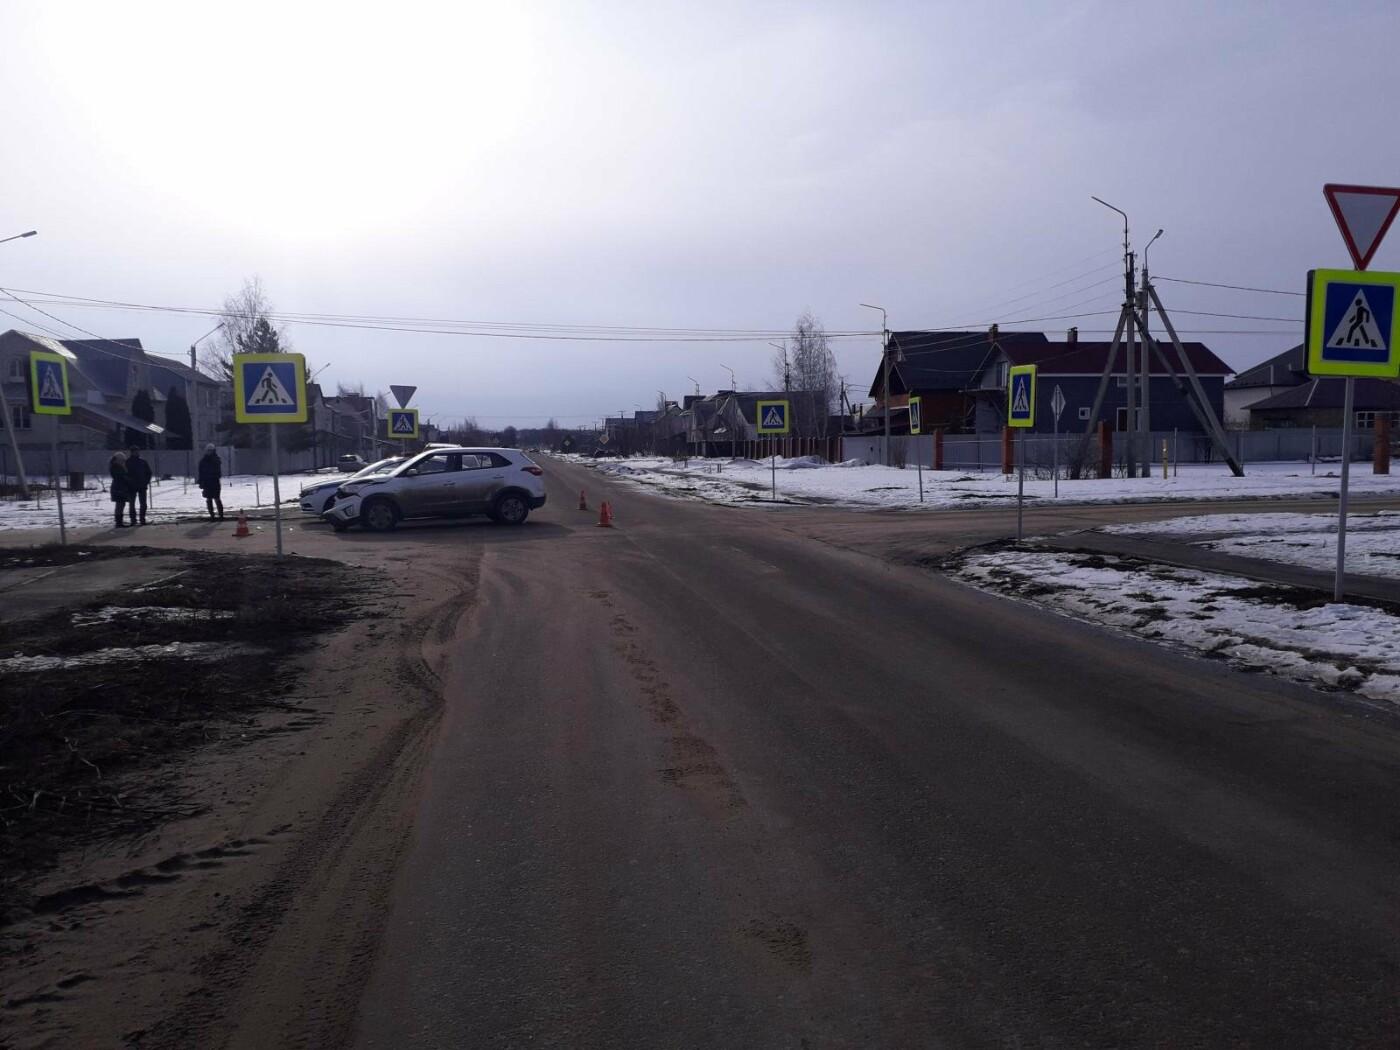 В Тамбове в микрорайоне Радужный при столкновении двух иномарок пострадала женщина, фото-2